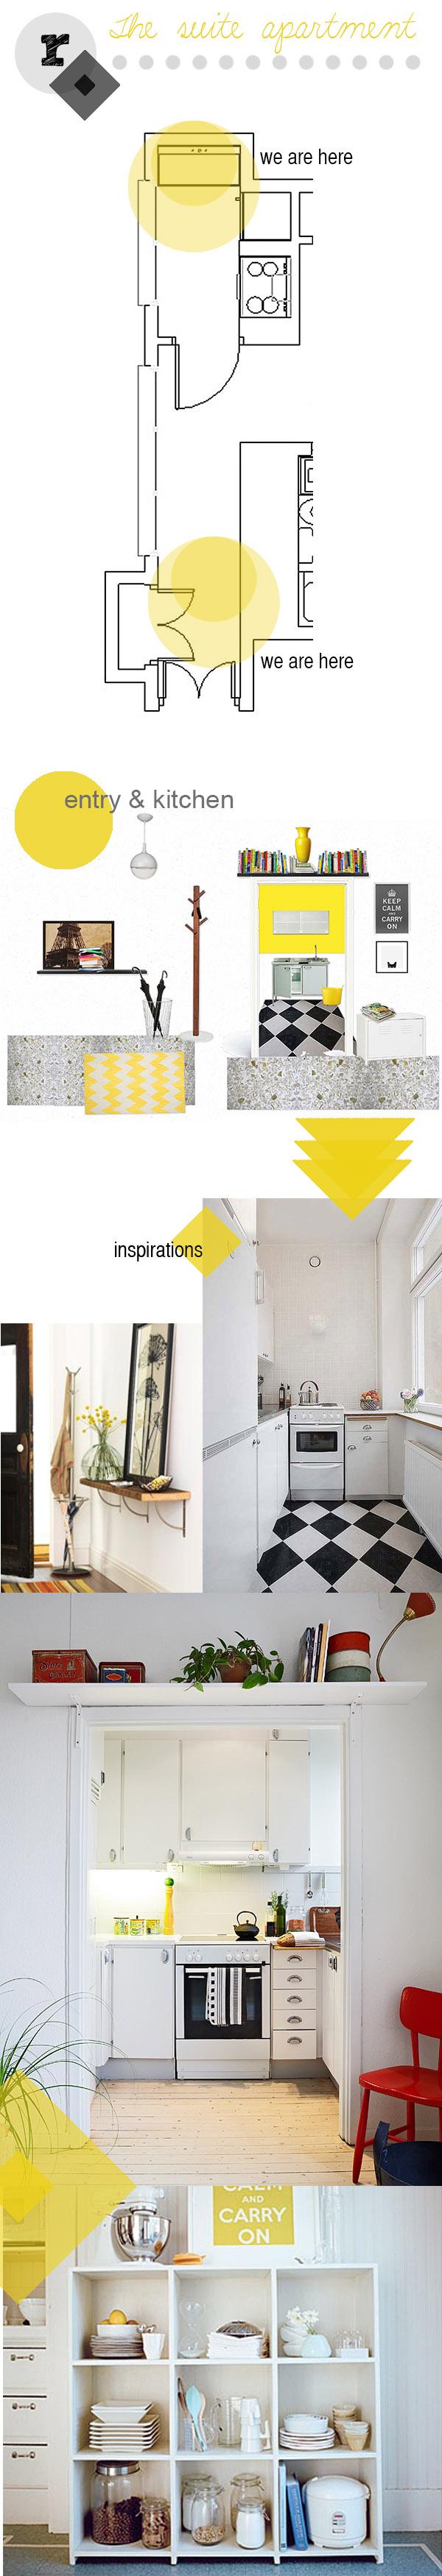 MMentry&kitchen